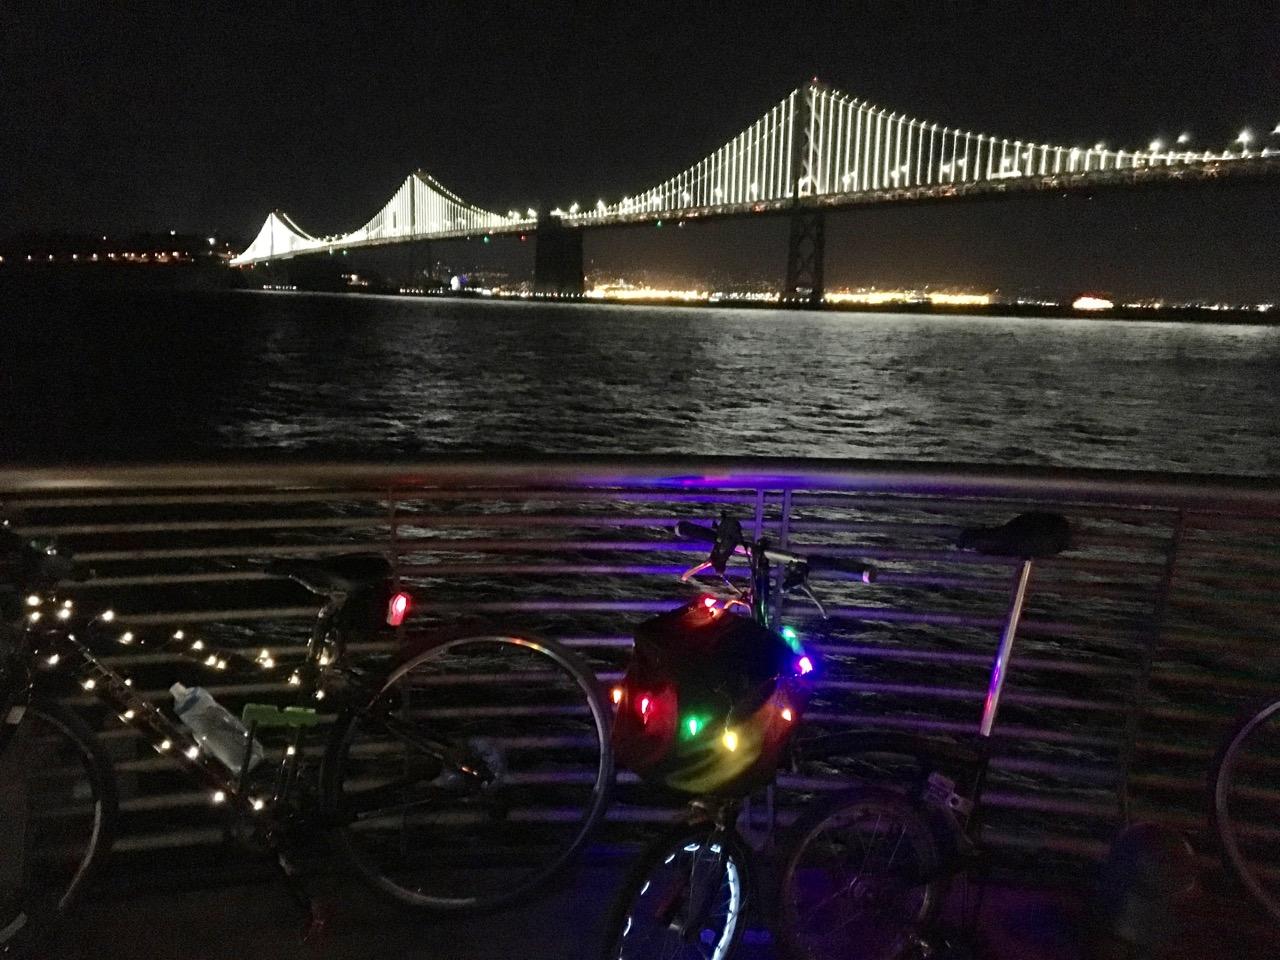 Bikes and the bay bridge